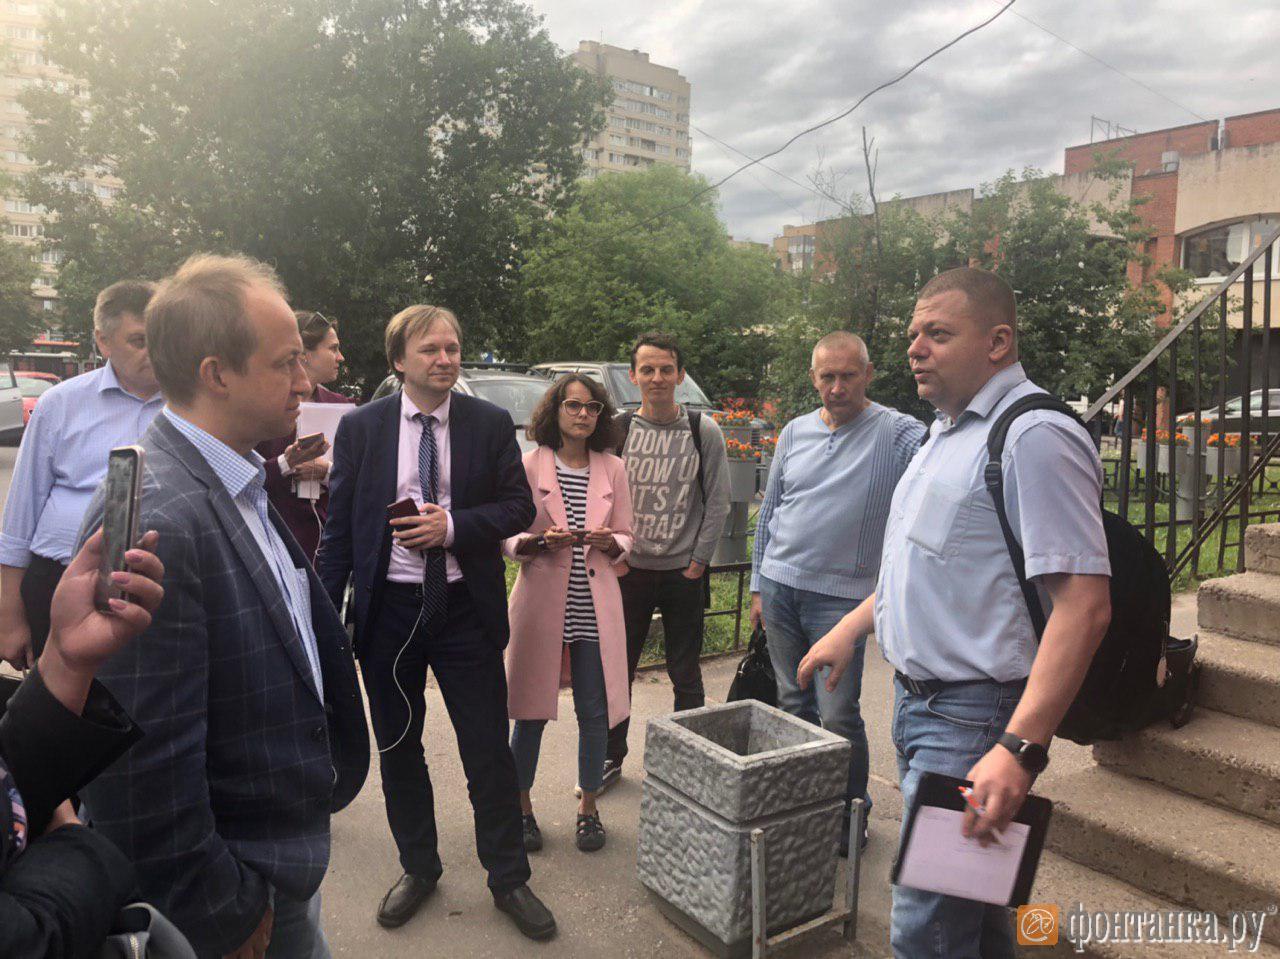 Член ЦИК Евгений Шевченко приехал в закрытый избирком «Сергиевское»